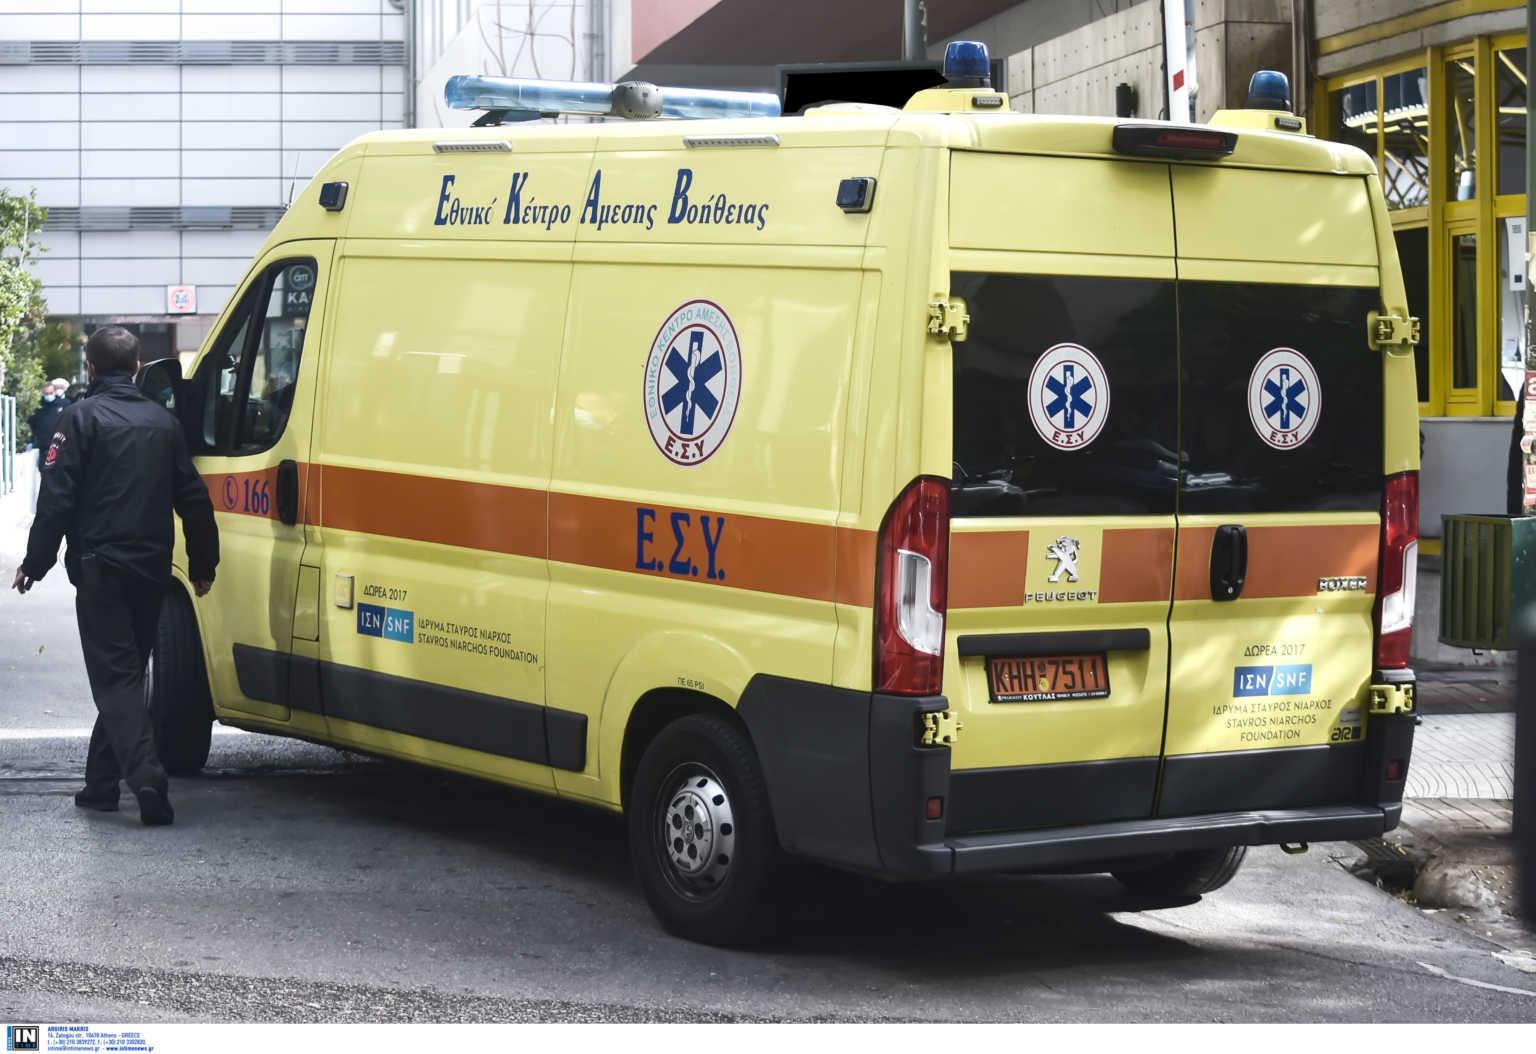 Κορονοϊός: 4 νεκροί στο νοσοκομείο Αλεξανδρούπολης – Σοκάρει ο θάνατος 33χρονης